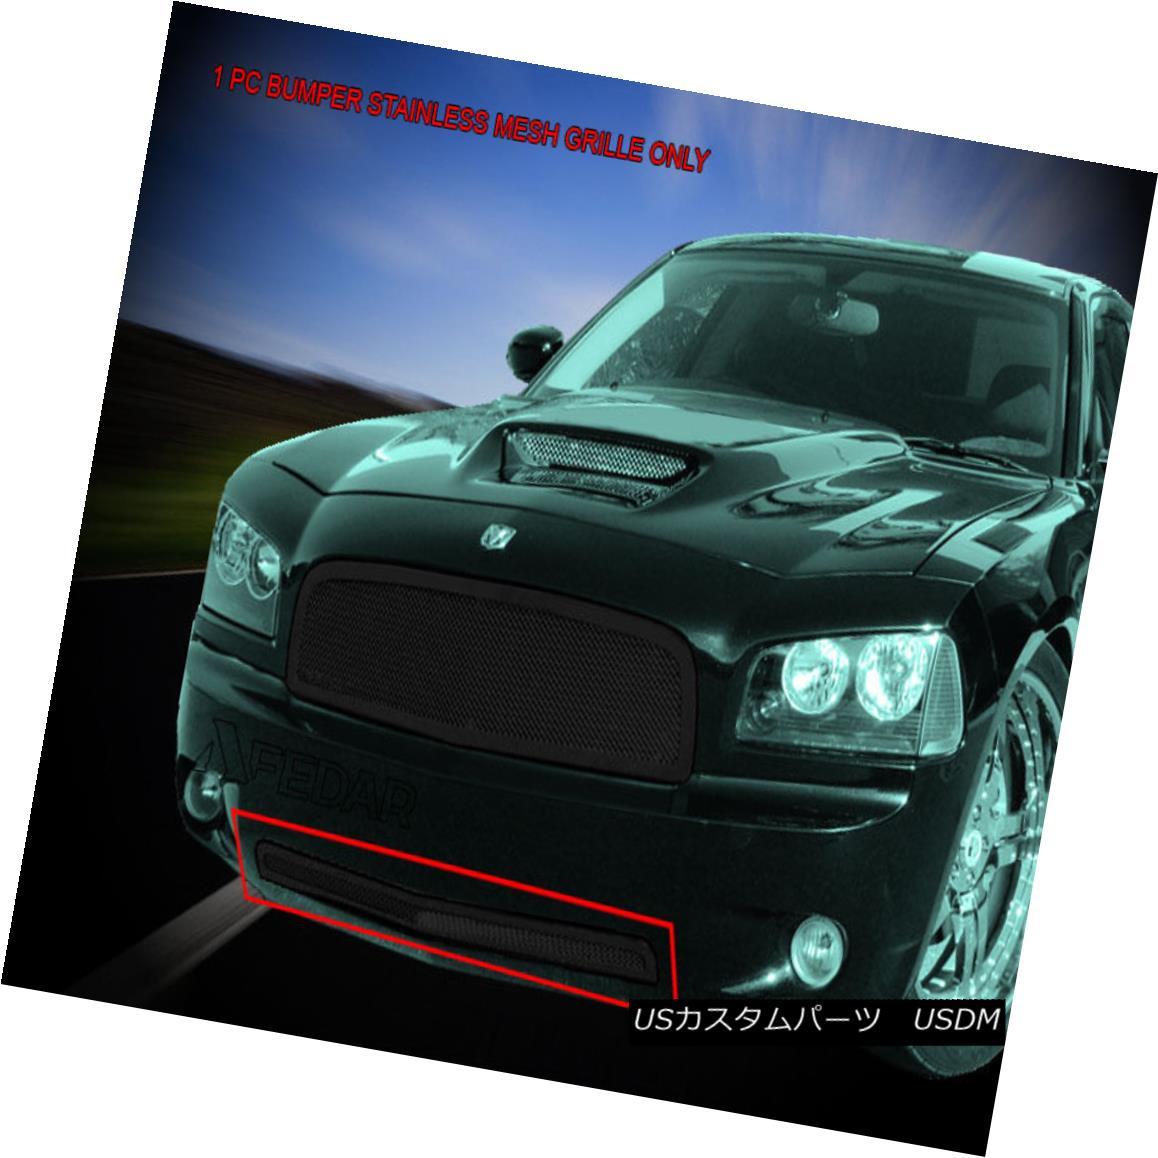 グリル Fedar Fits 05-10 Dodge Charger Stainless Steel Black Mesh Grille Bumper Grill Fedarフィット05-10ダッジチャージャーステンレススチールブラックメッシュグリルバンパーグリル